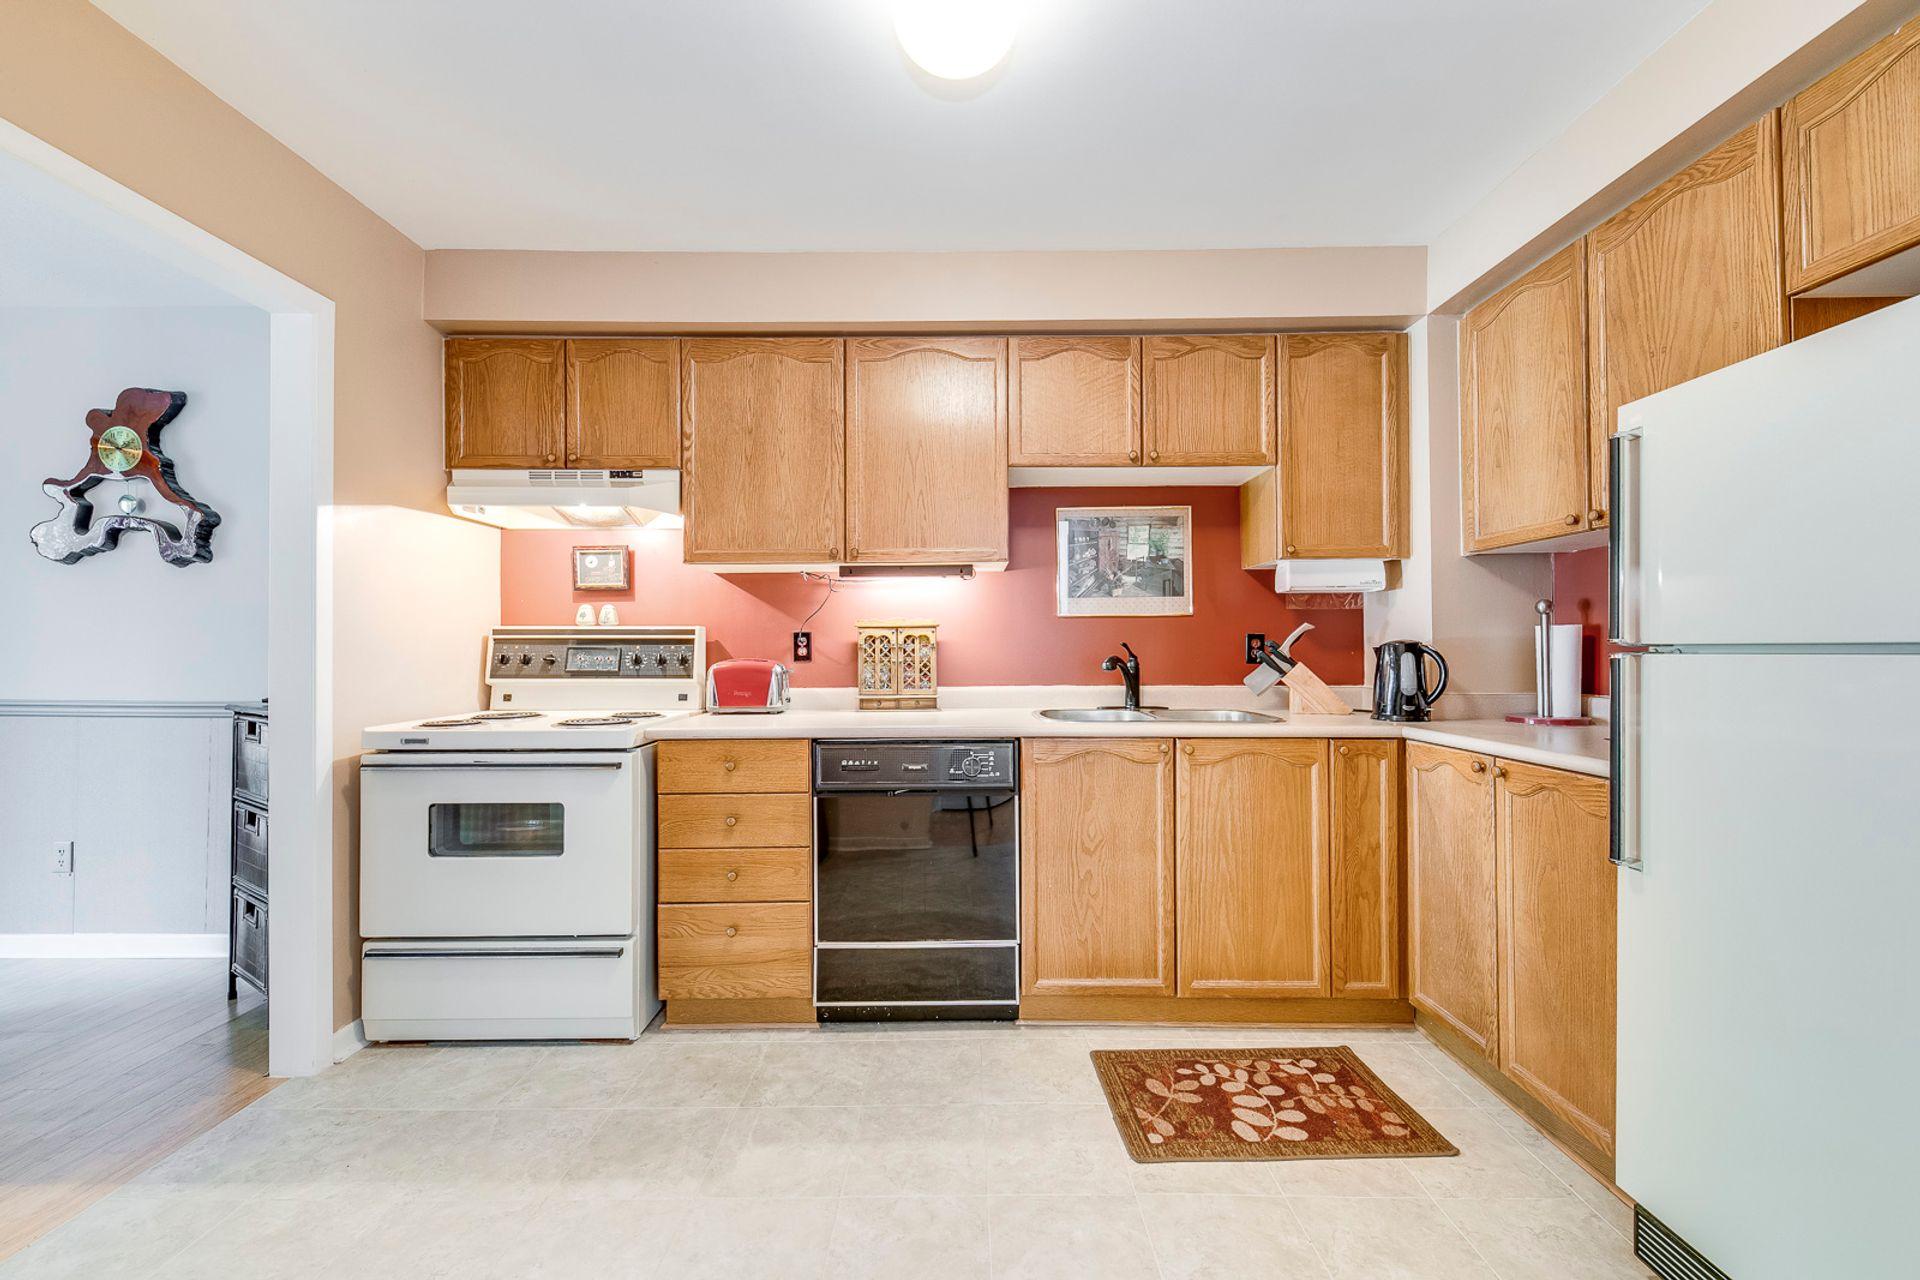 Kitchen - 2416 Stefi Tr, Oakville - Elite3 & Team at 2416 Stefi Trail, River Oaks, Oakville